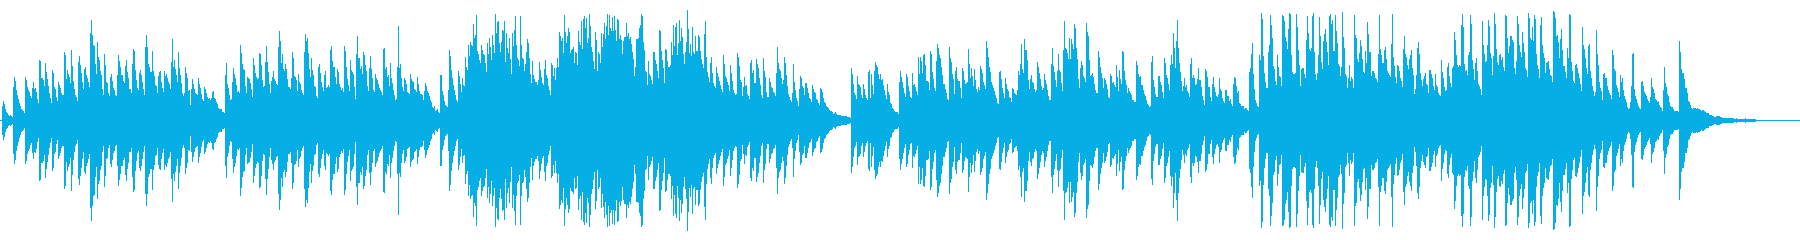 雪解けの切ないピアノBGMの再生済みの波形